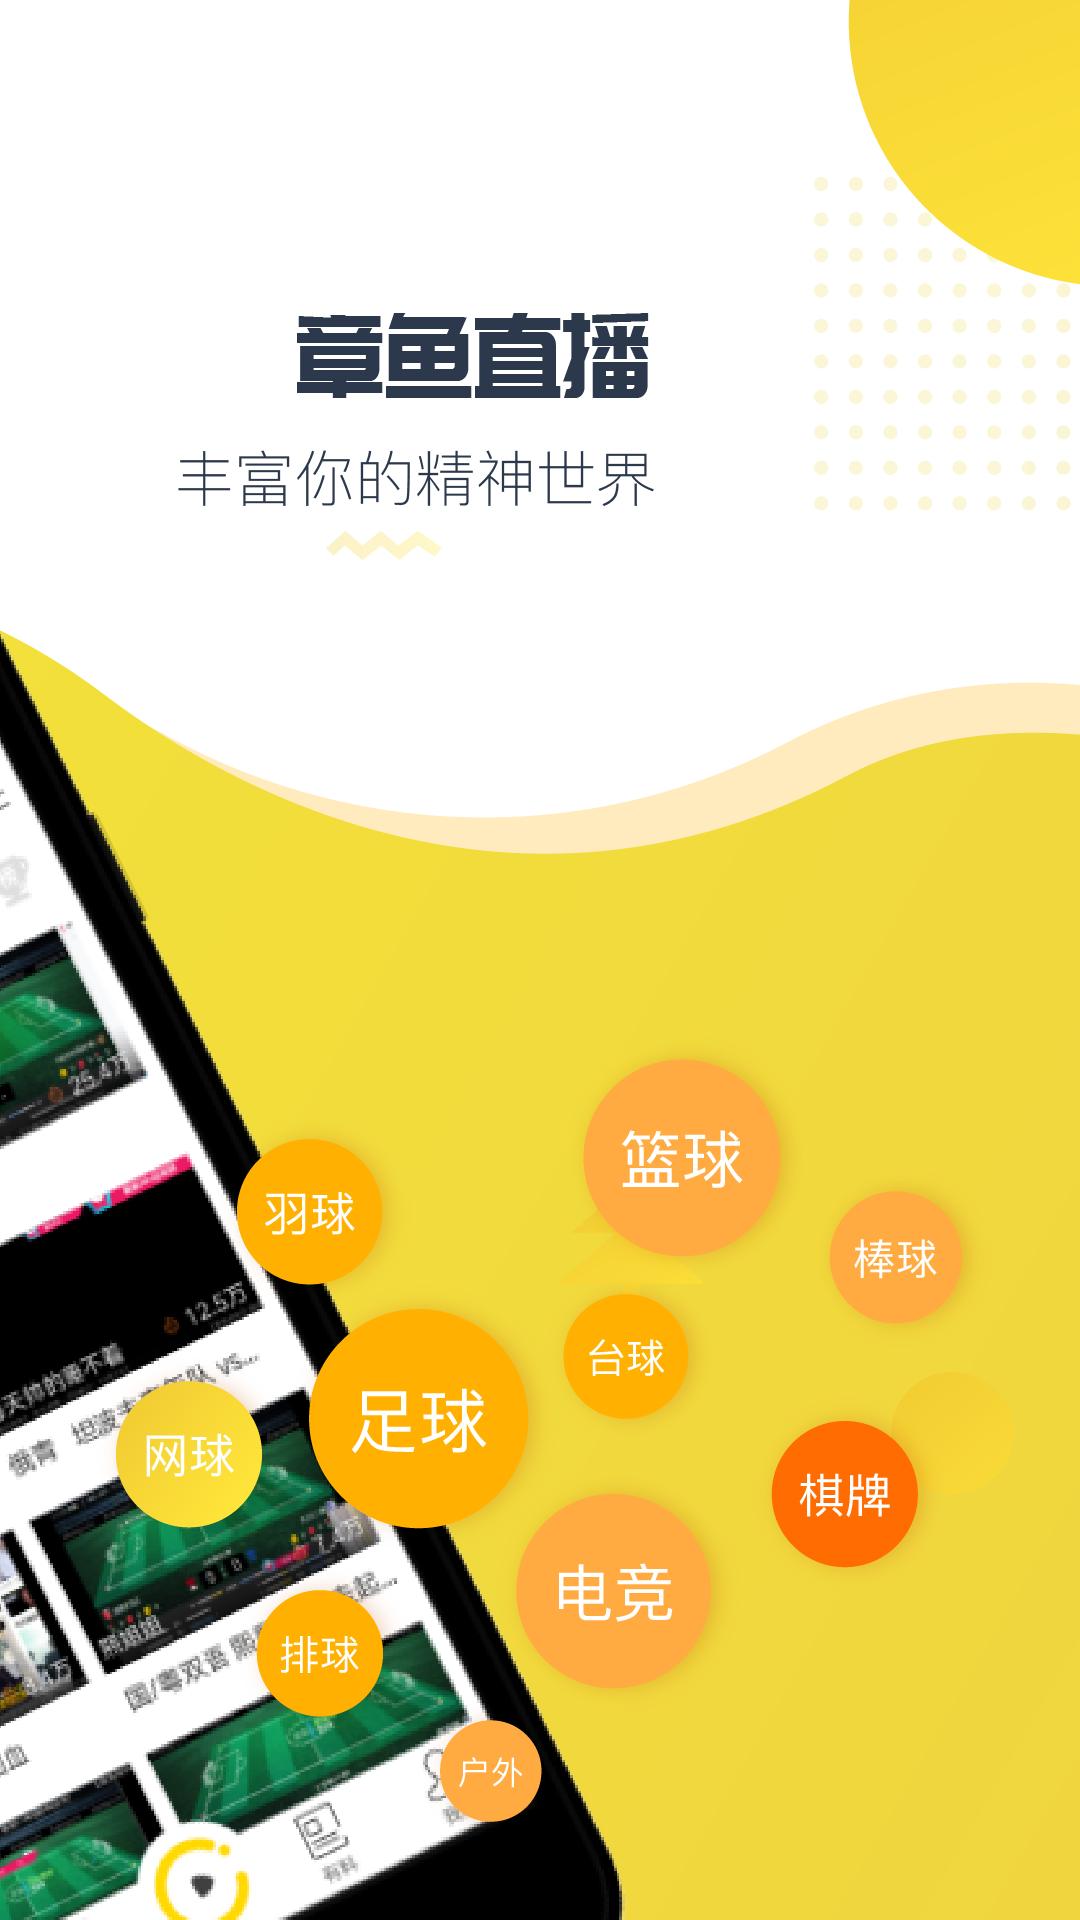 章鱼TV直播 V3.5.5 安卓官方版截图4